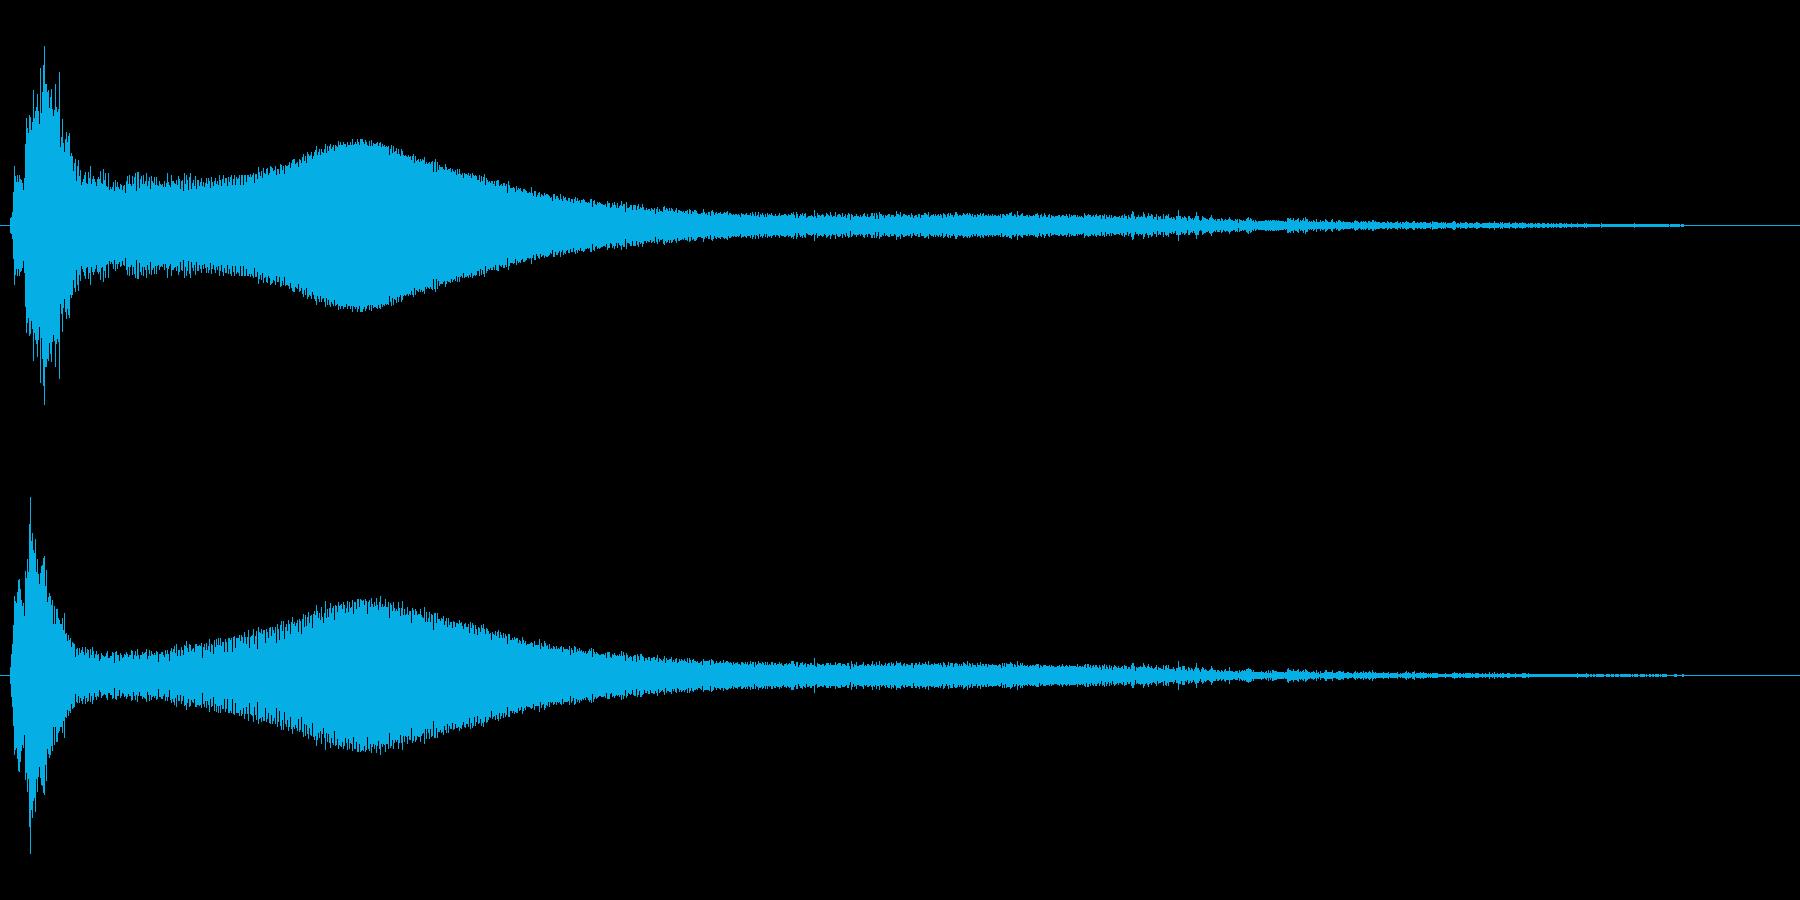 キーン(エレベーターが開いた時の音)の再生済みの波形